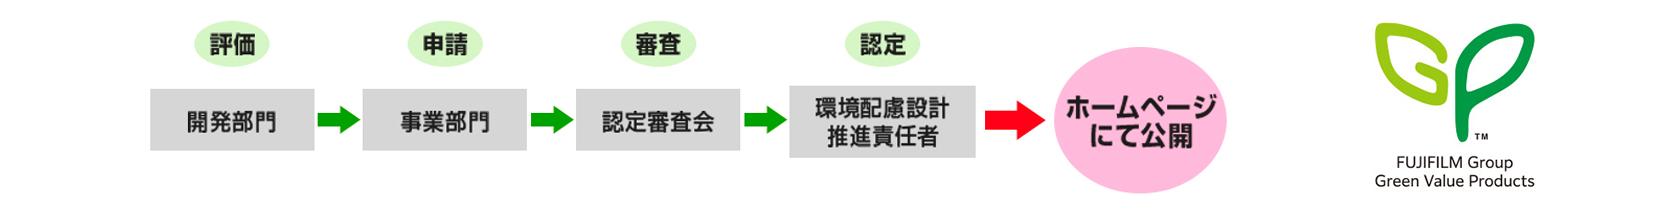 [図]製品のライフサイクル